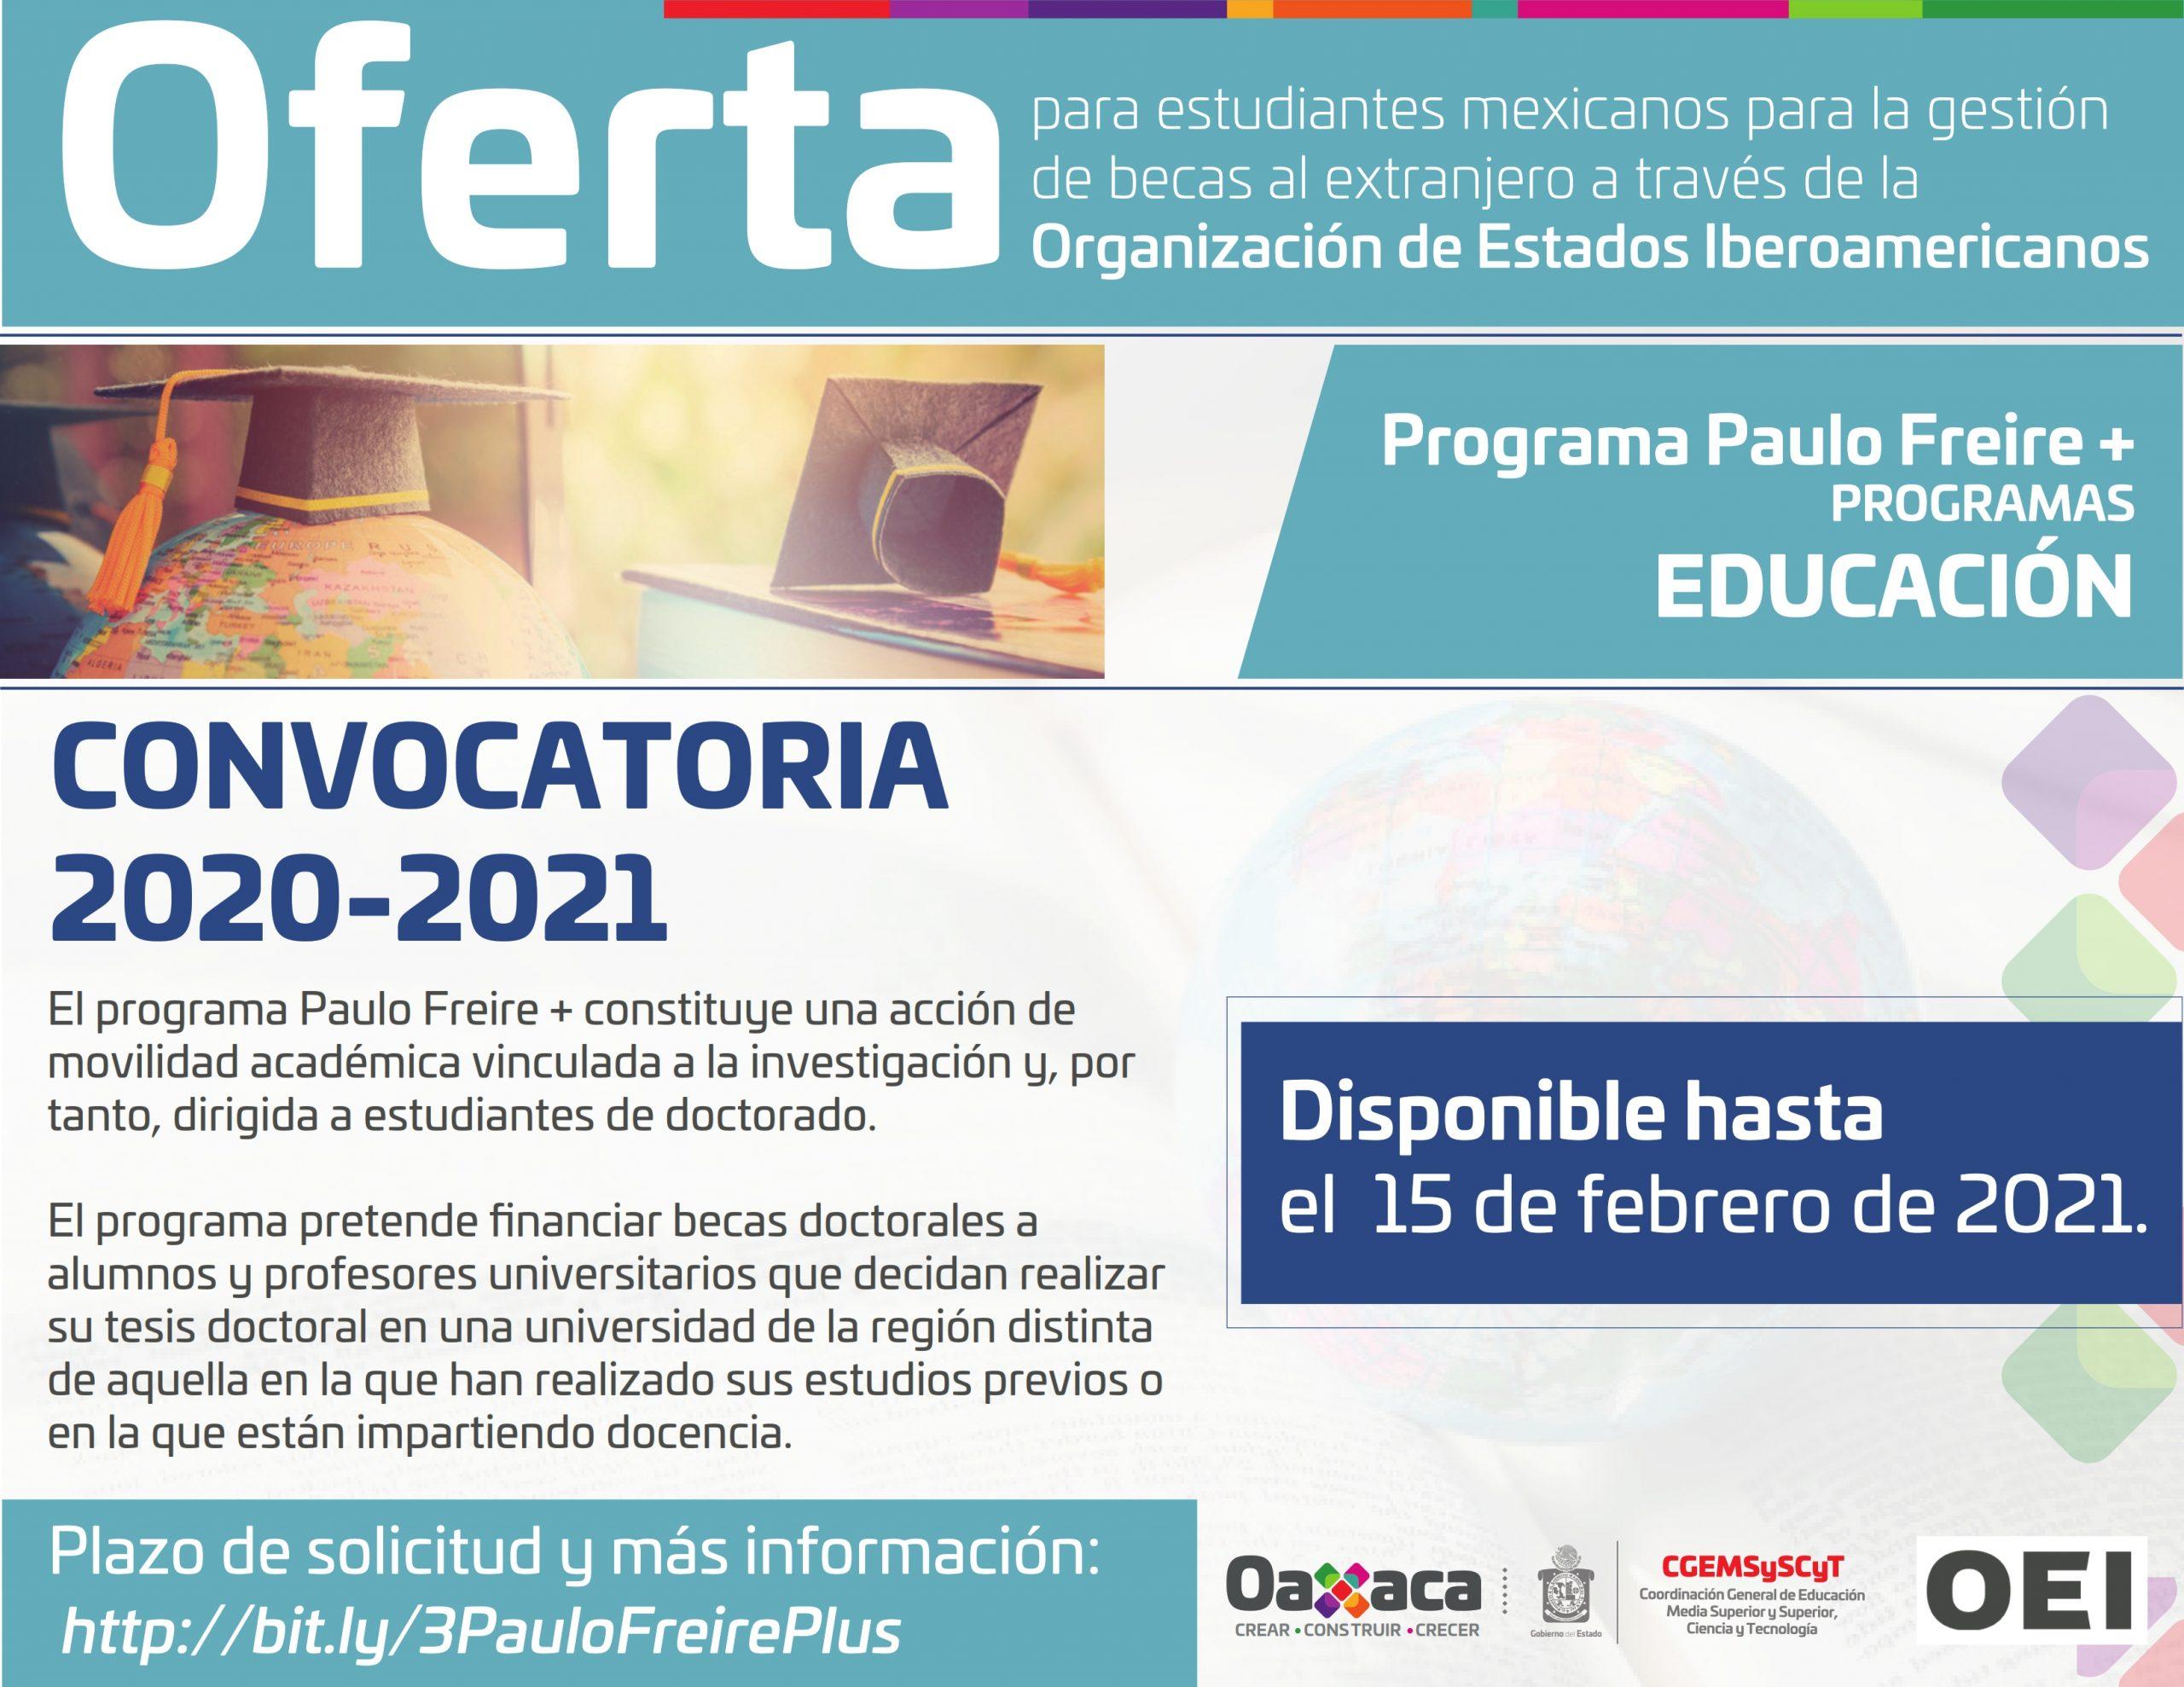 Oferta para Estudiantes Mexicanos para la Gestión de Becas al Extranjero a Través de la Organización de Estados Iberoamericanos a Nivel de Licenciatura y Posgrado Convocatoria de Becas de Posgrado